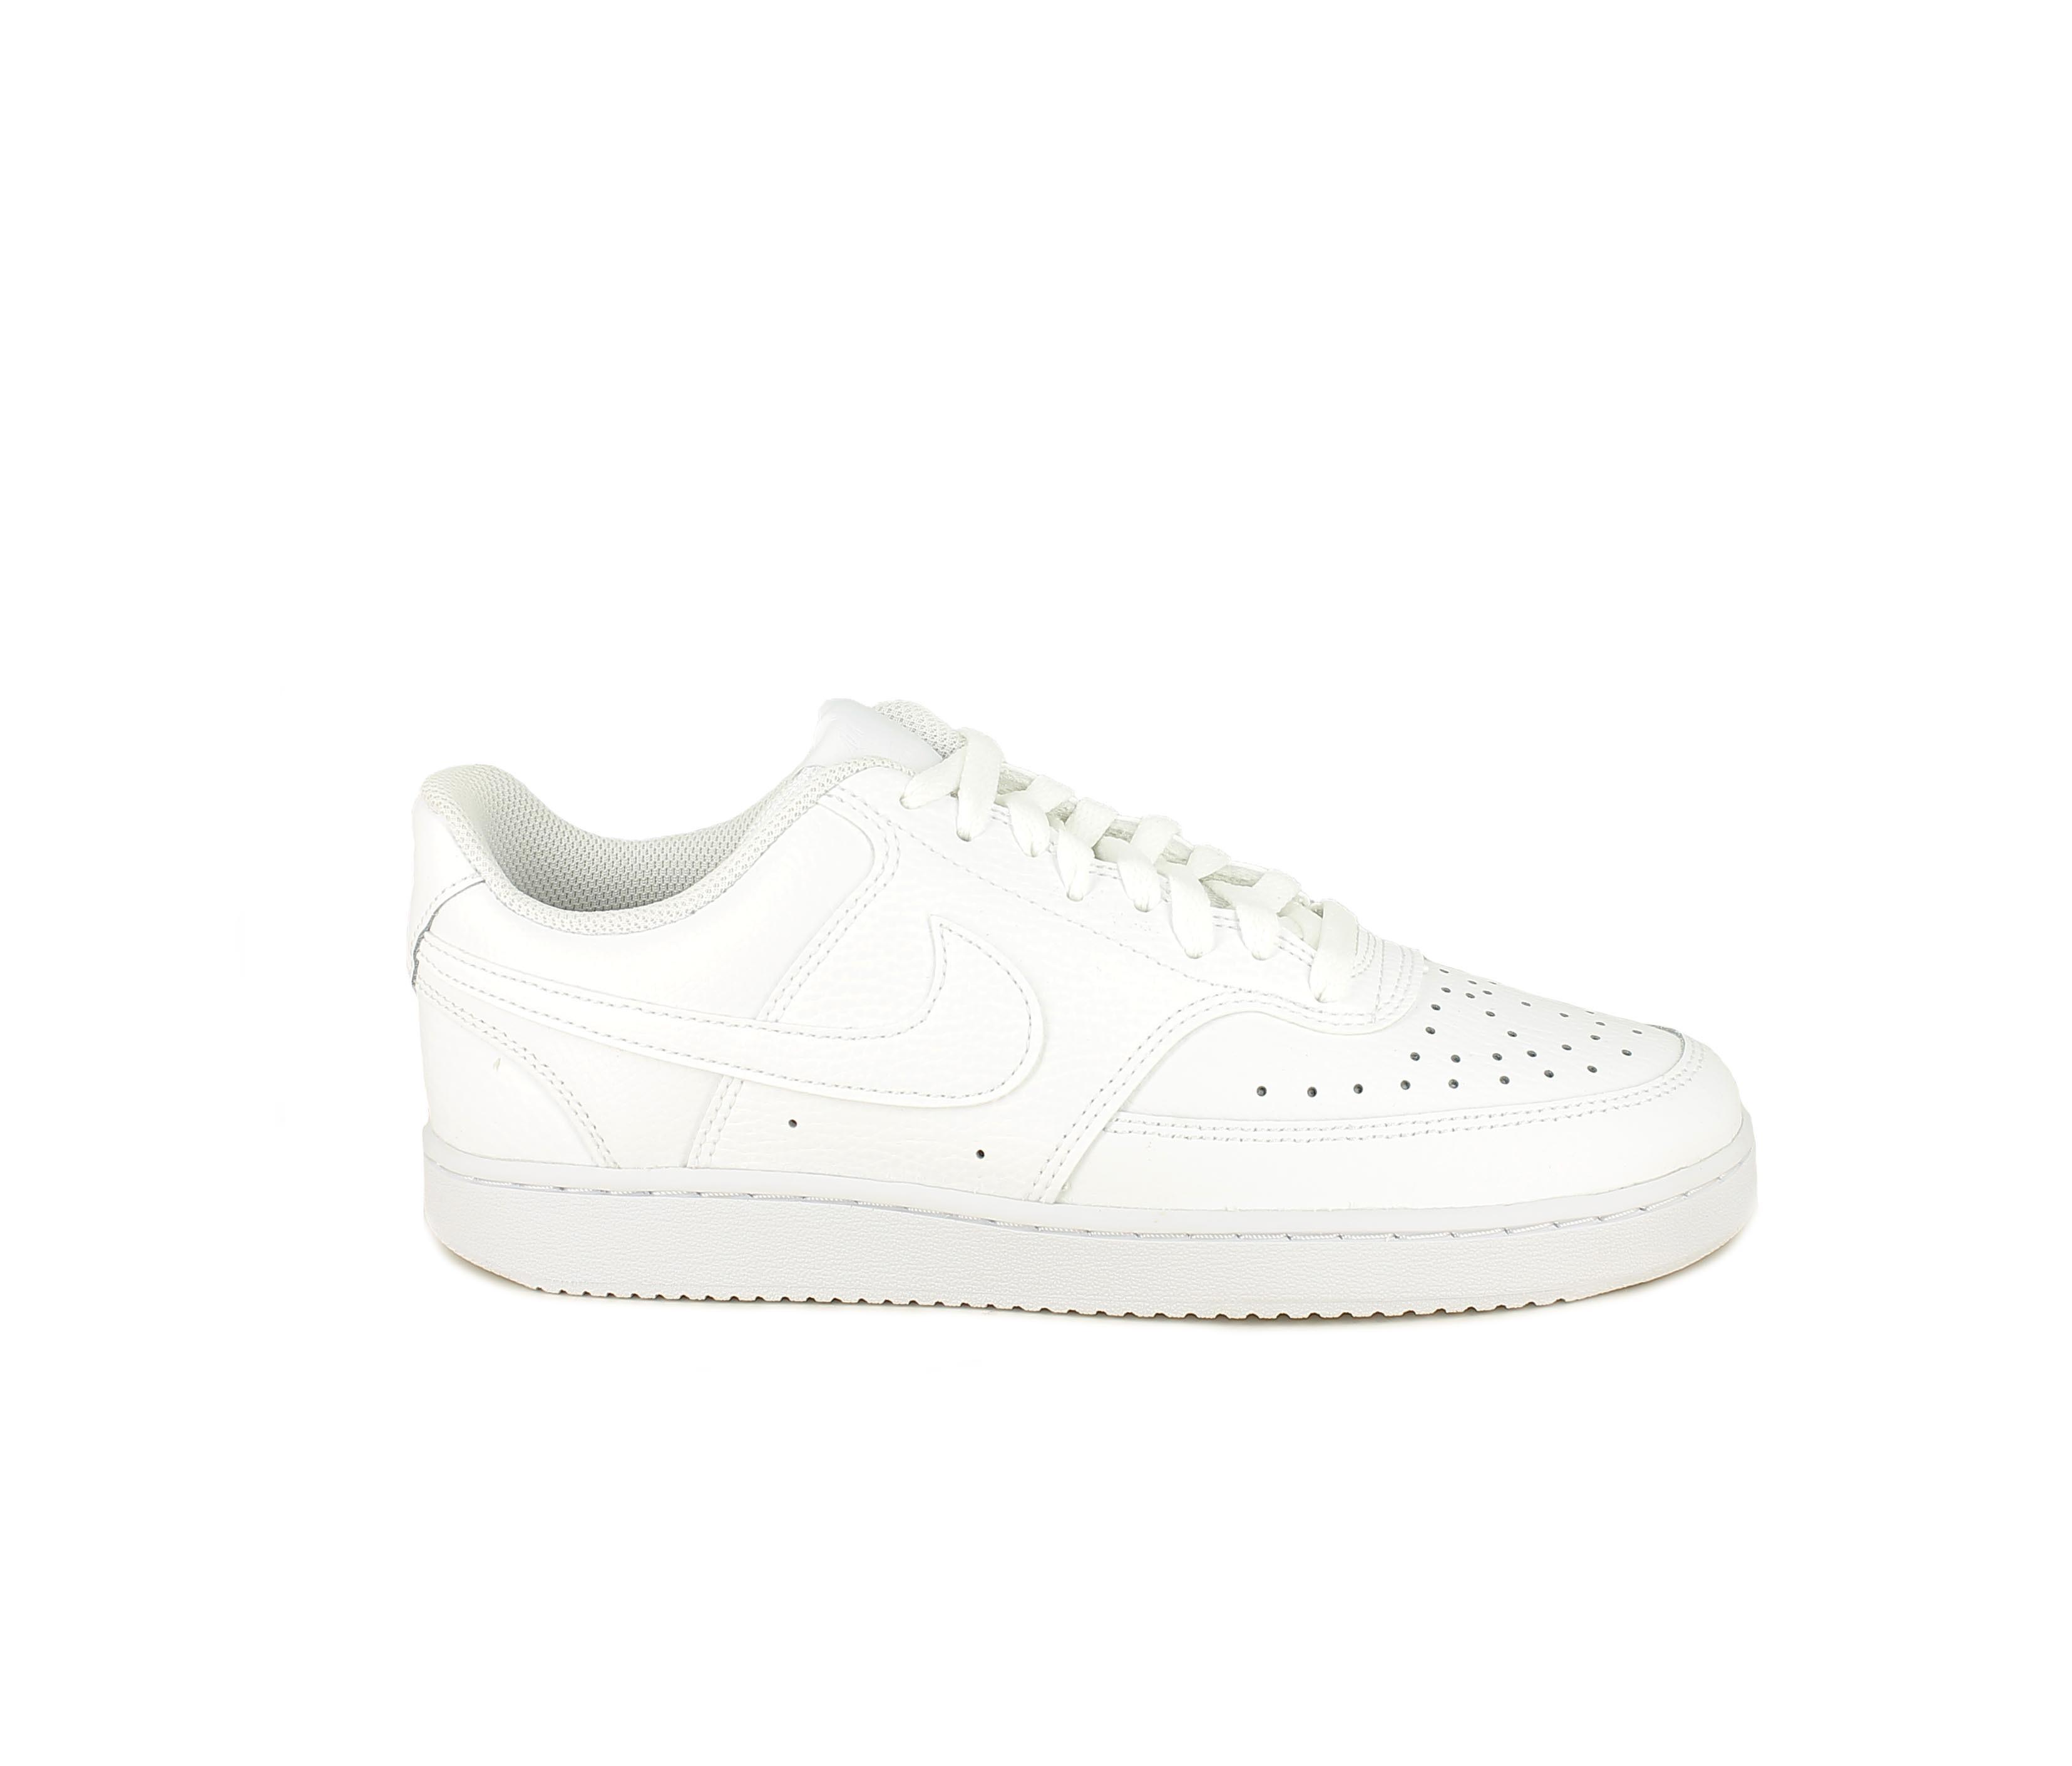 Zapatillas deportivas Nike court vision blancas con cordones